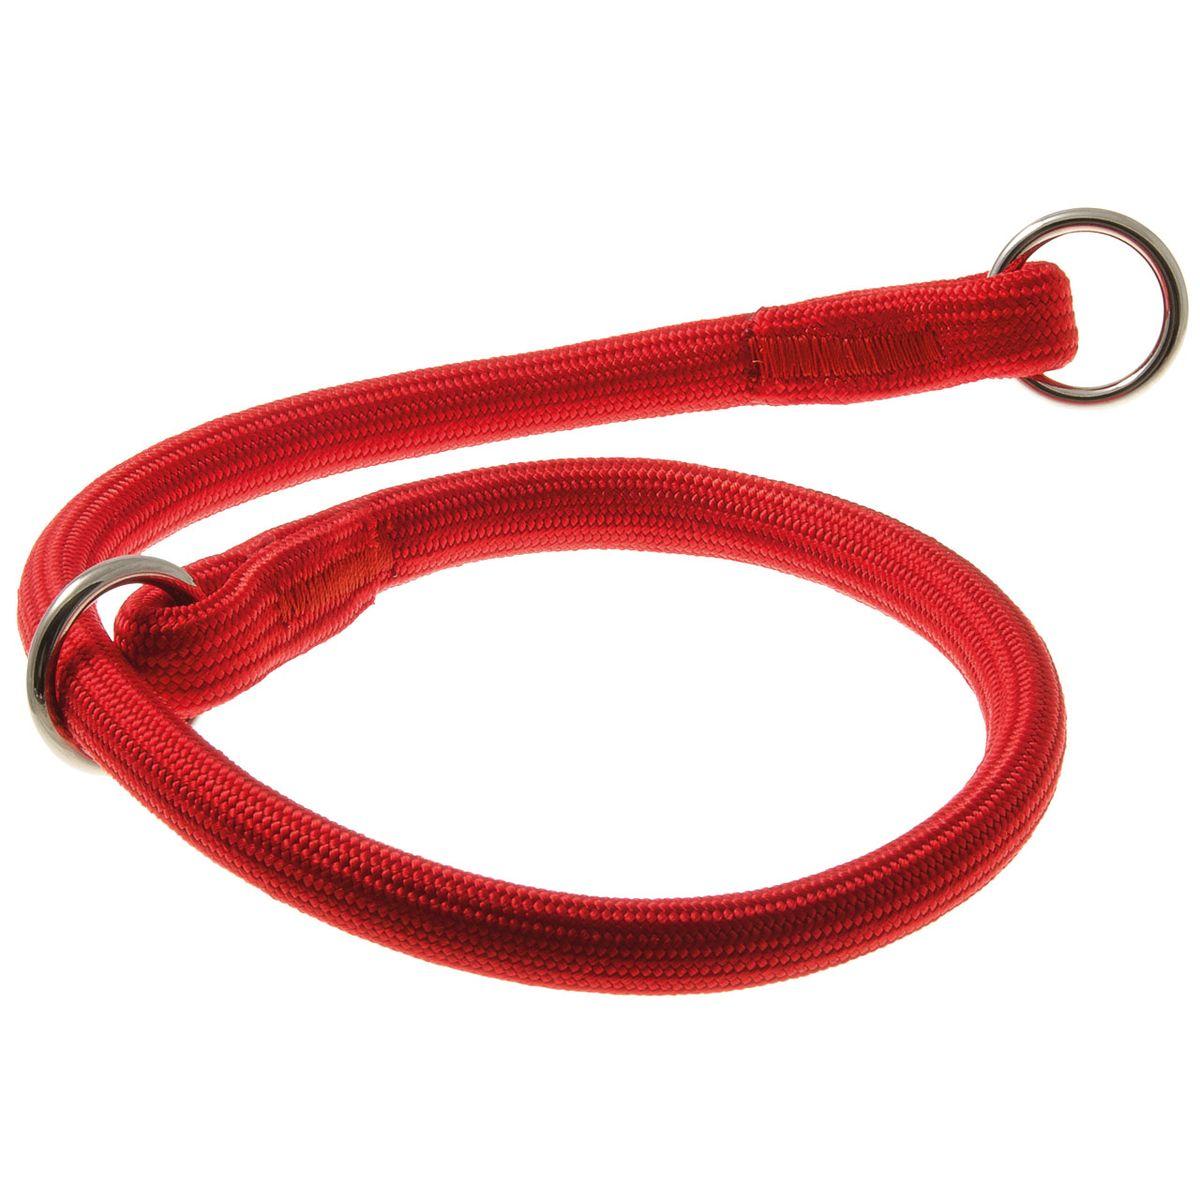 Ошейник для собак V.I.Pet, цвет: красный, диаметр 13 мм, длина 60 см76-2174Качественный ошейник V.I.Pet обладает высокой прочностью и прекрасно держит форму. Идеален для длинношерстных пород, так как имеет круглое сечение, шерсть не сминается и не скатывается. Выполняет роль дрессировочного ошейника, с его помощью вы сможете научить питомца командам и корректировать его поведение. Может служить выставочным ошейником.